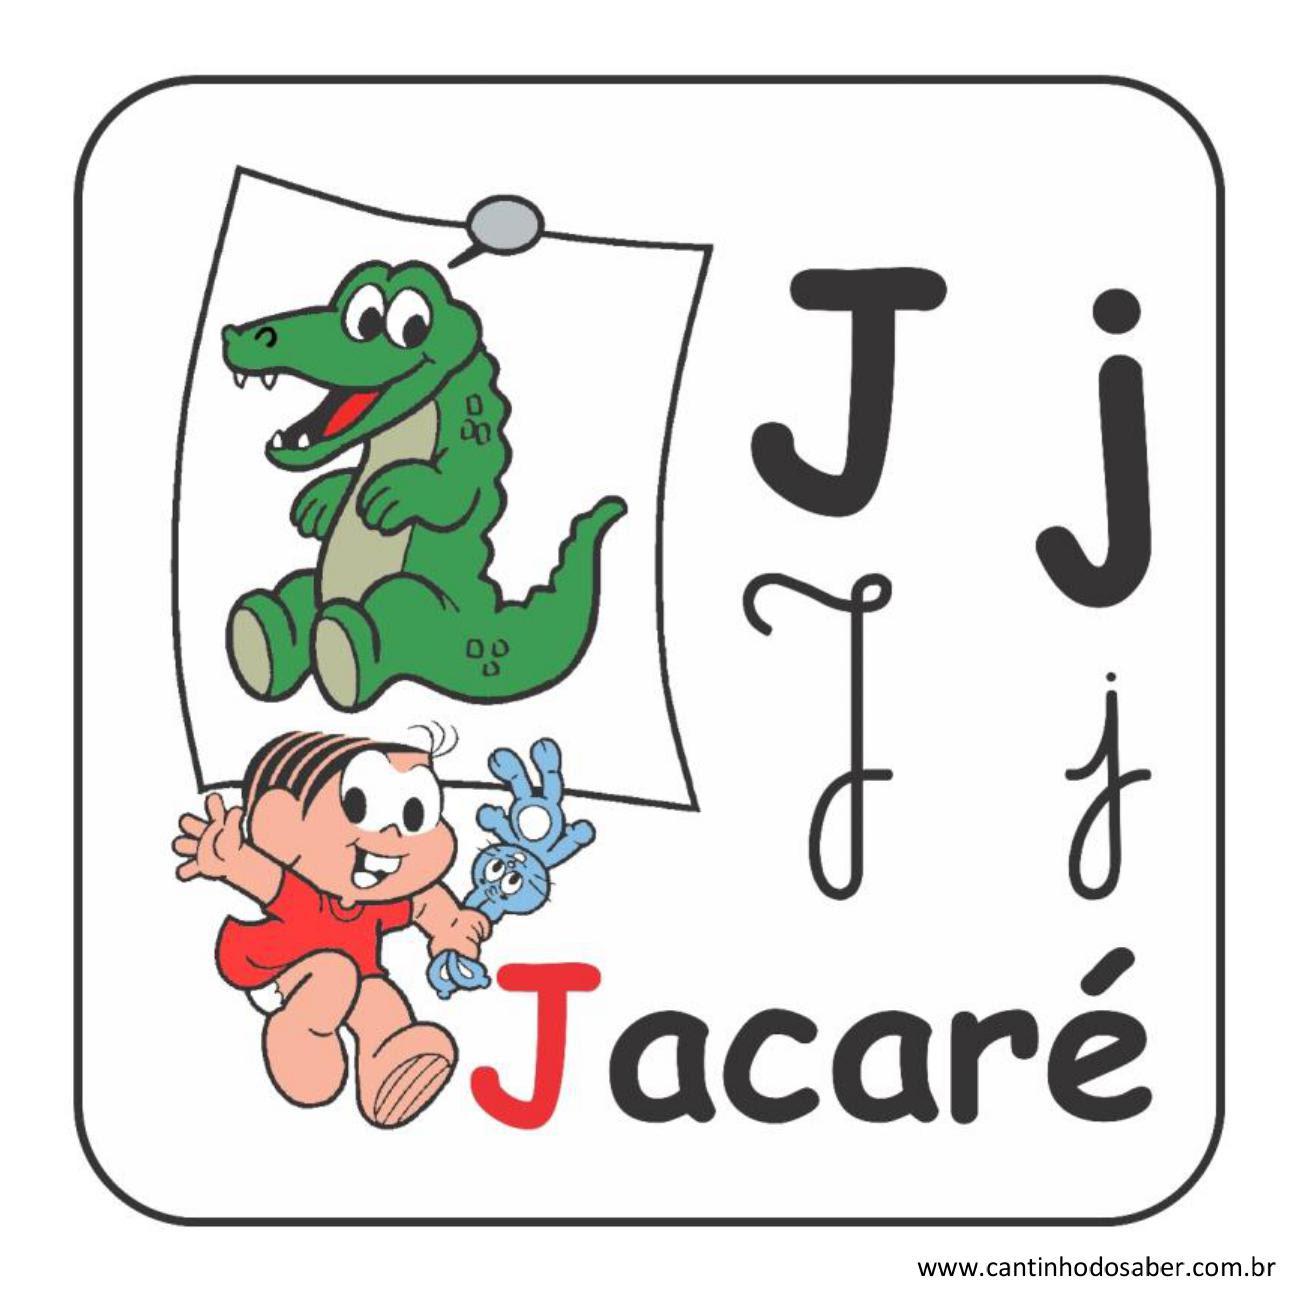 Alfabeto da turma da mônica em letra bastão e cursiva letra j